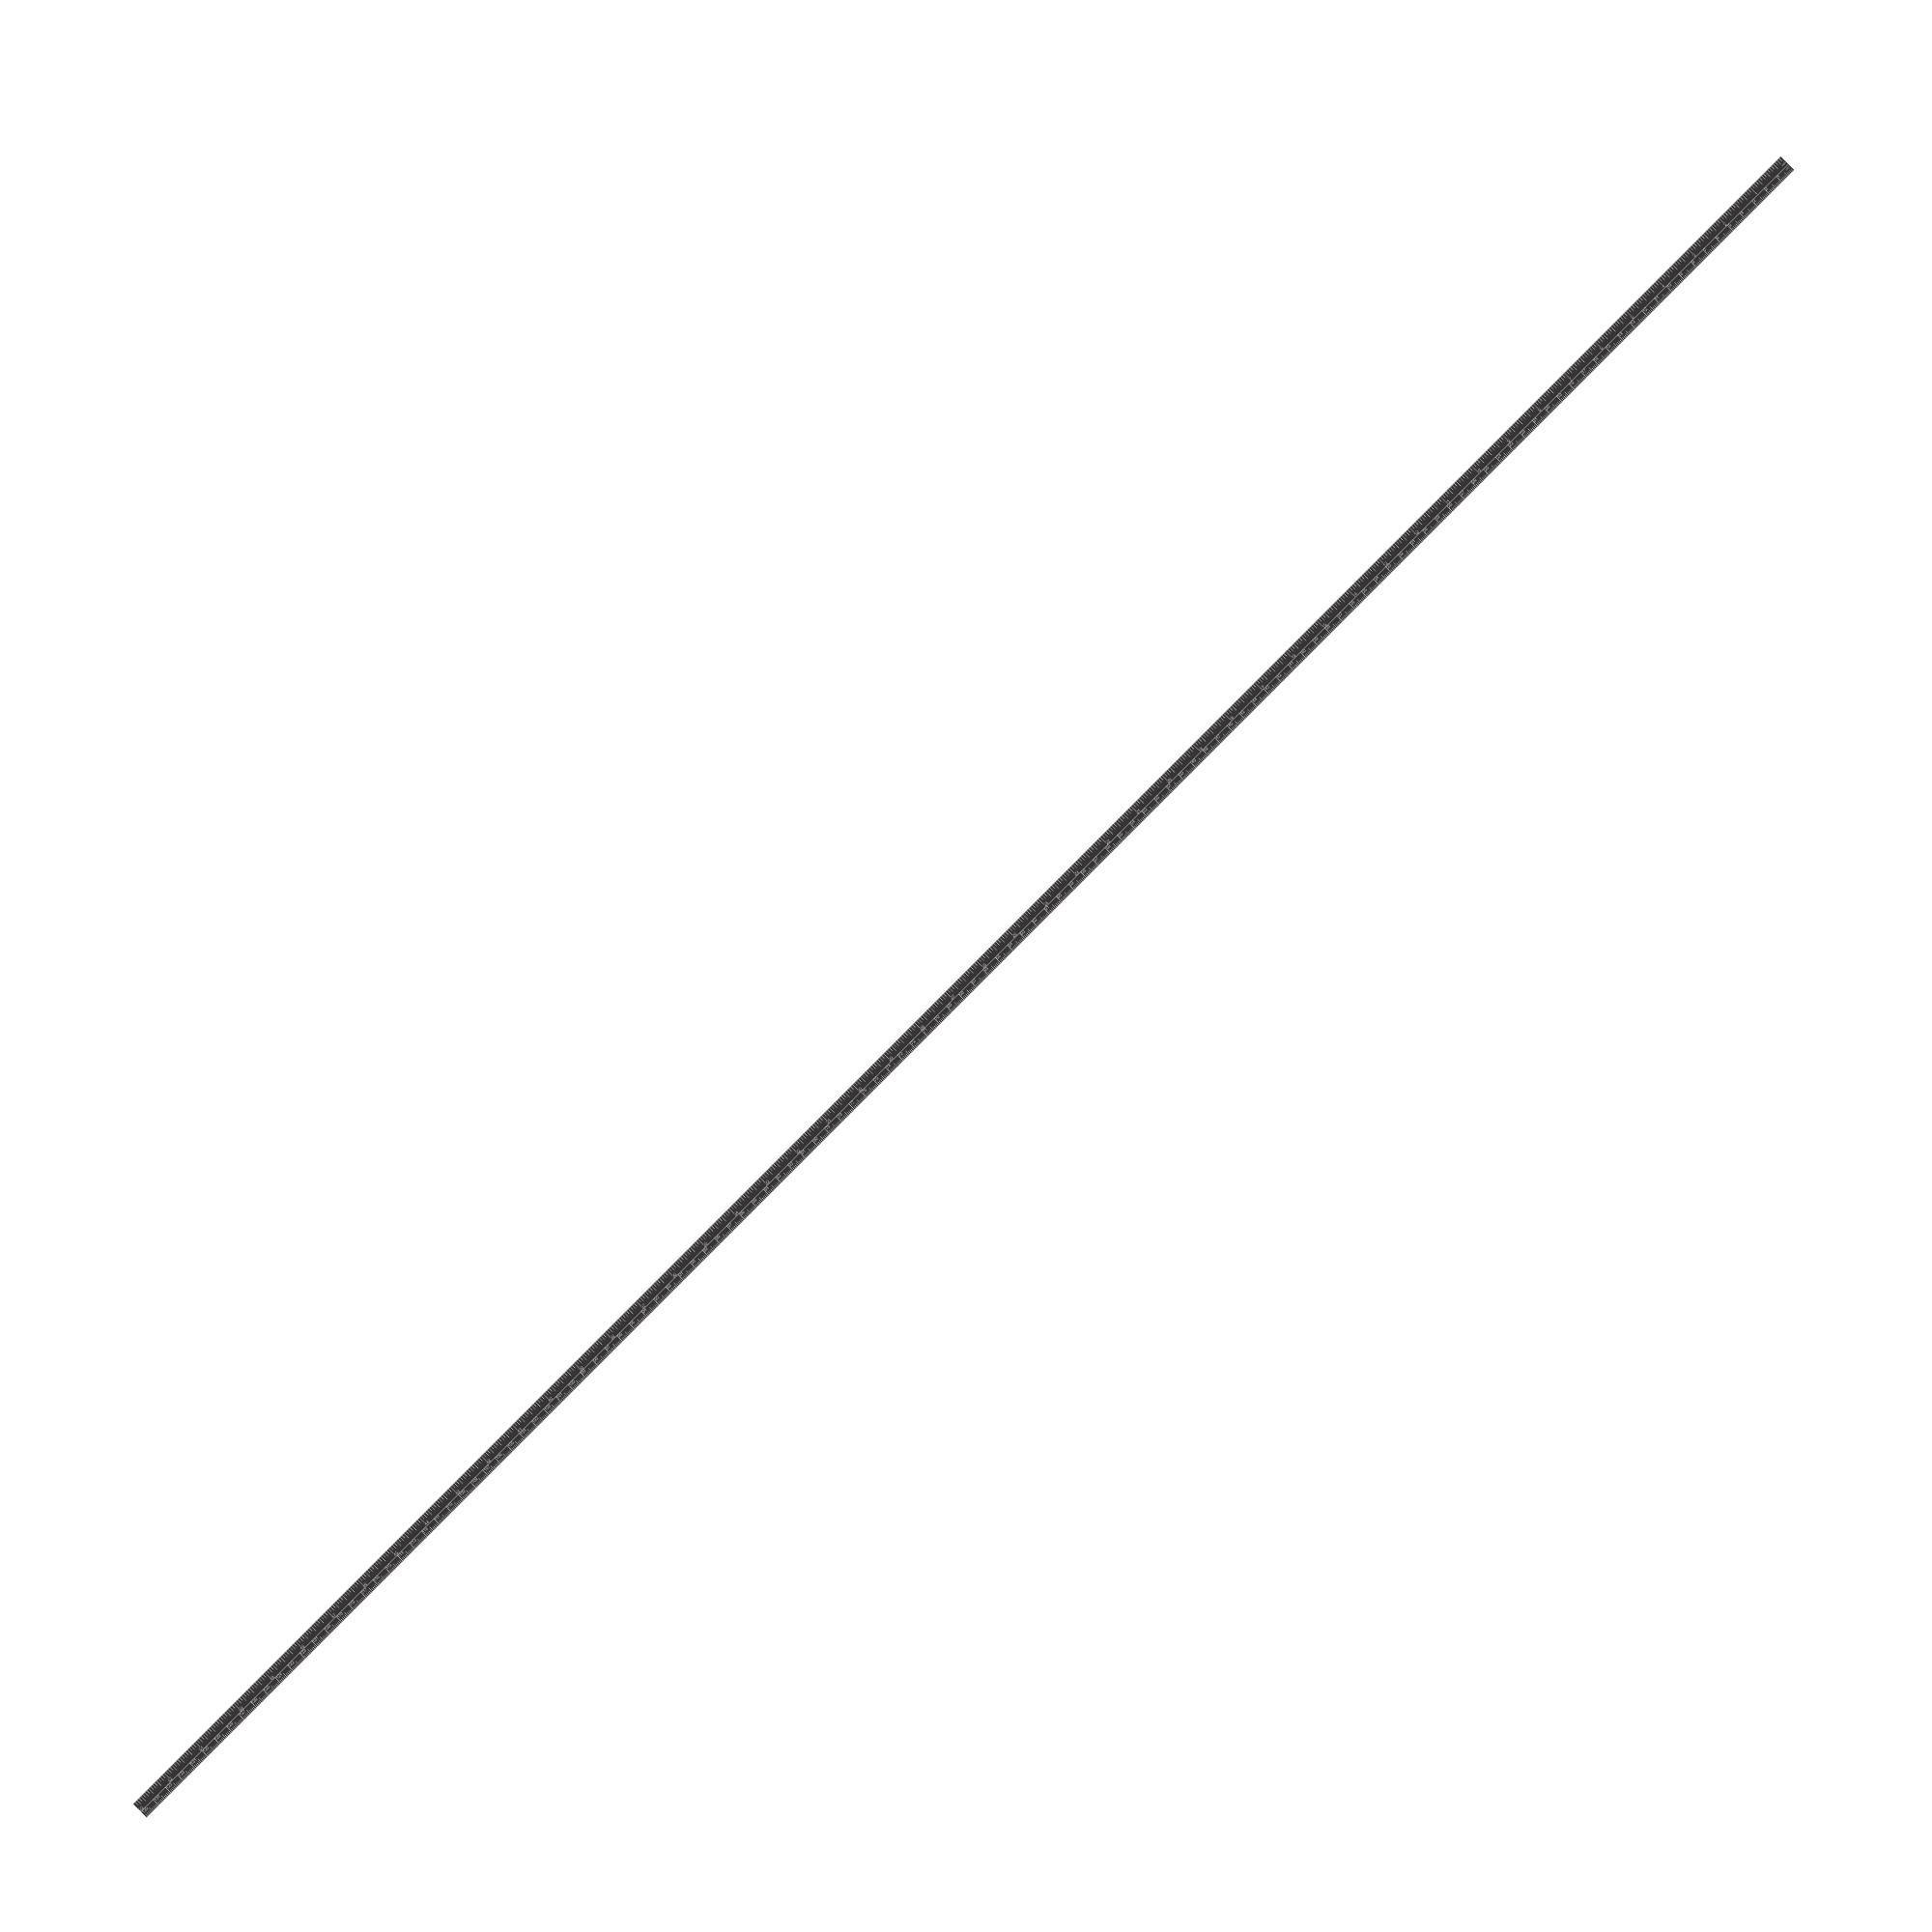 Fita Métrica Adesiva 135cm para Plotter de Recorte (Invertido - Direita para Esquerda)